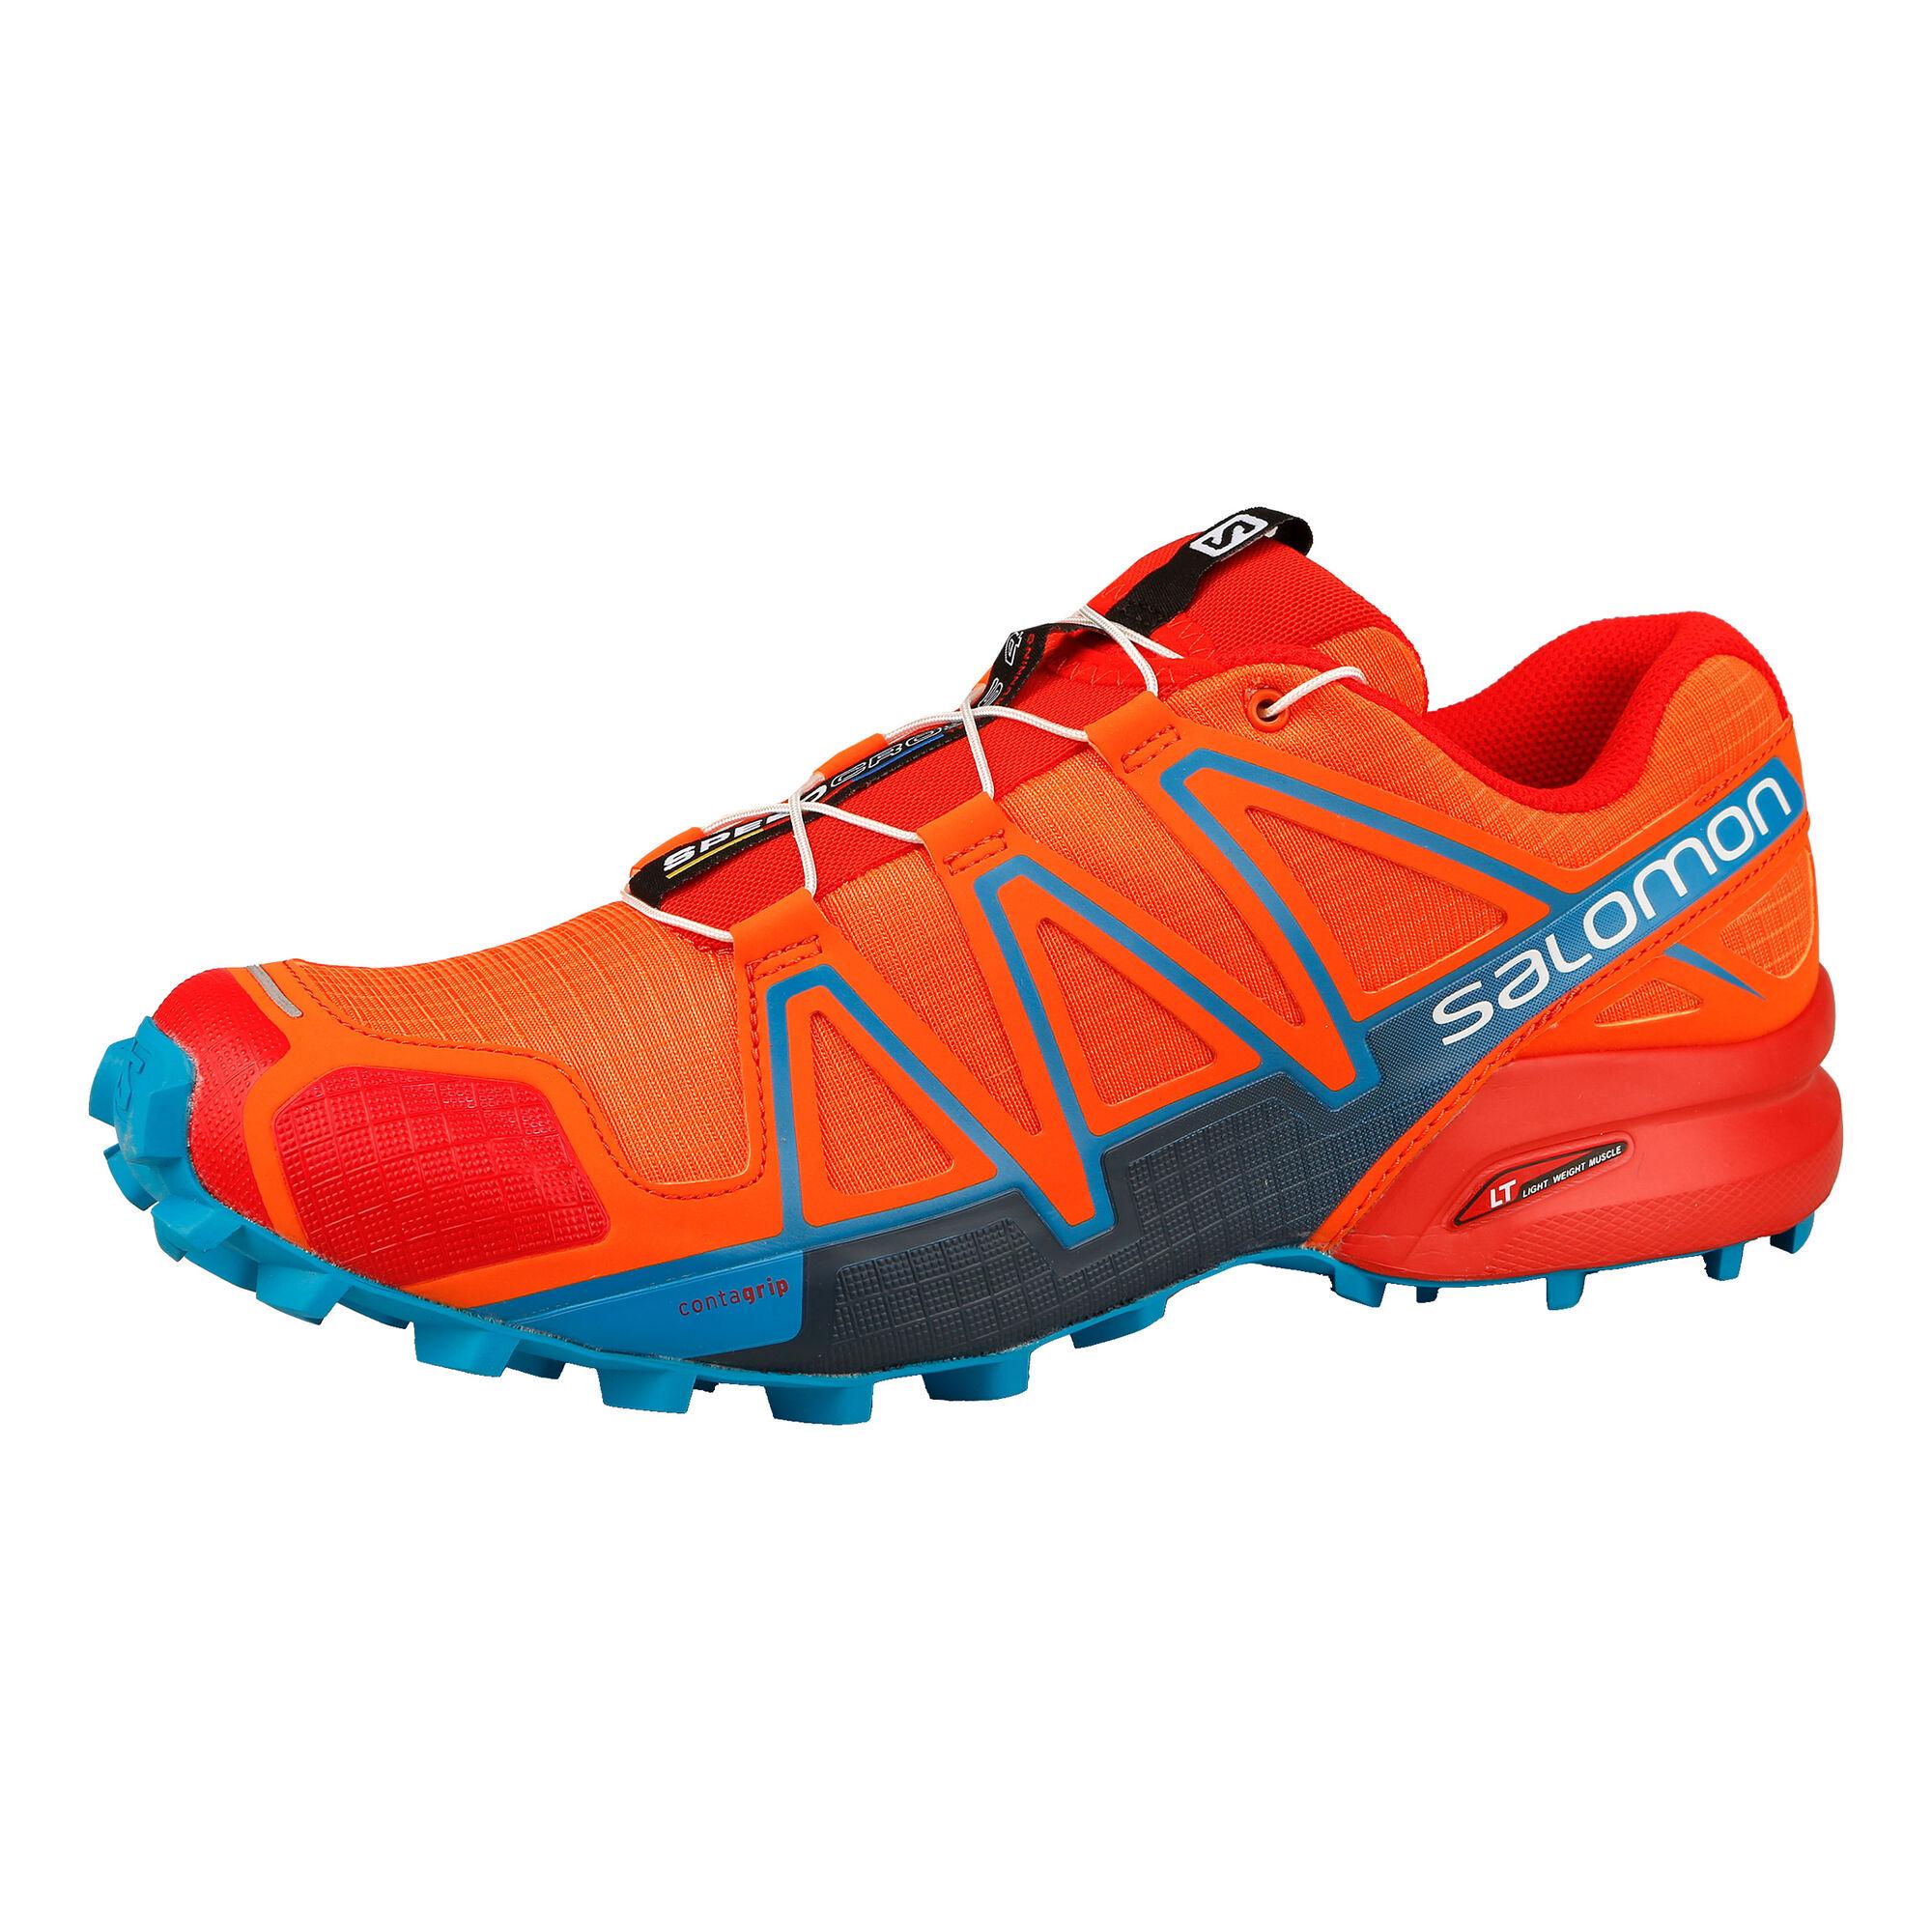 e4ea3202a9fd buy Salomon Speedcross 4 Trail Running Shoe Men - Orange